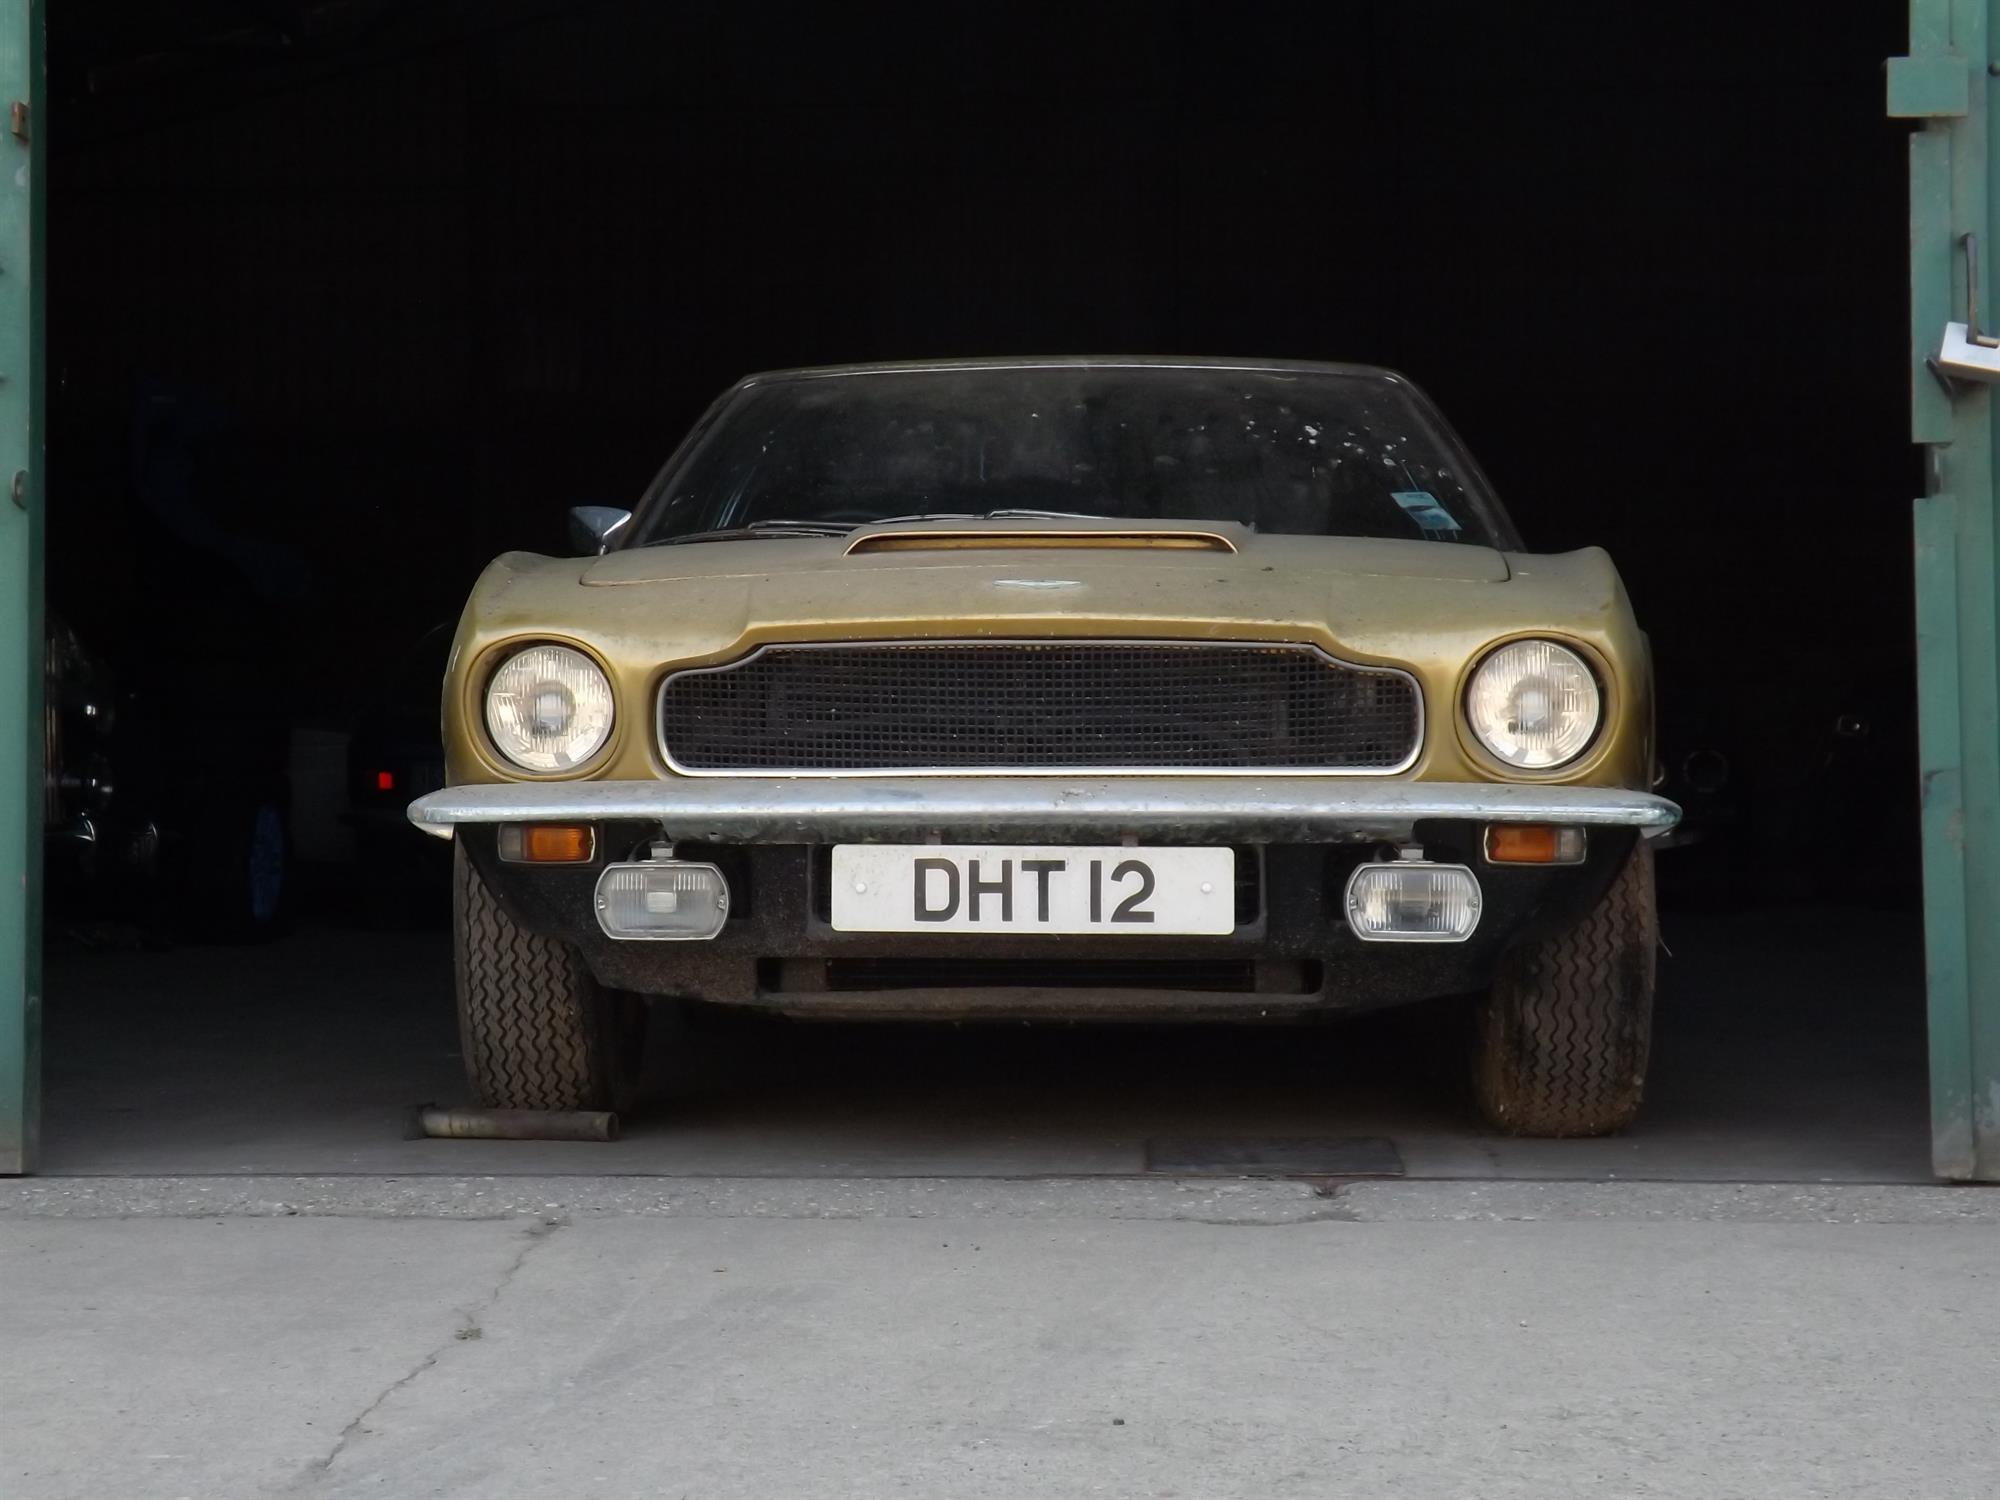 1973 Aston Martin AM V8 - Garage Find - Image 6 of 13